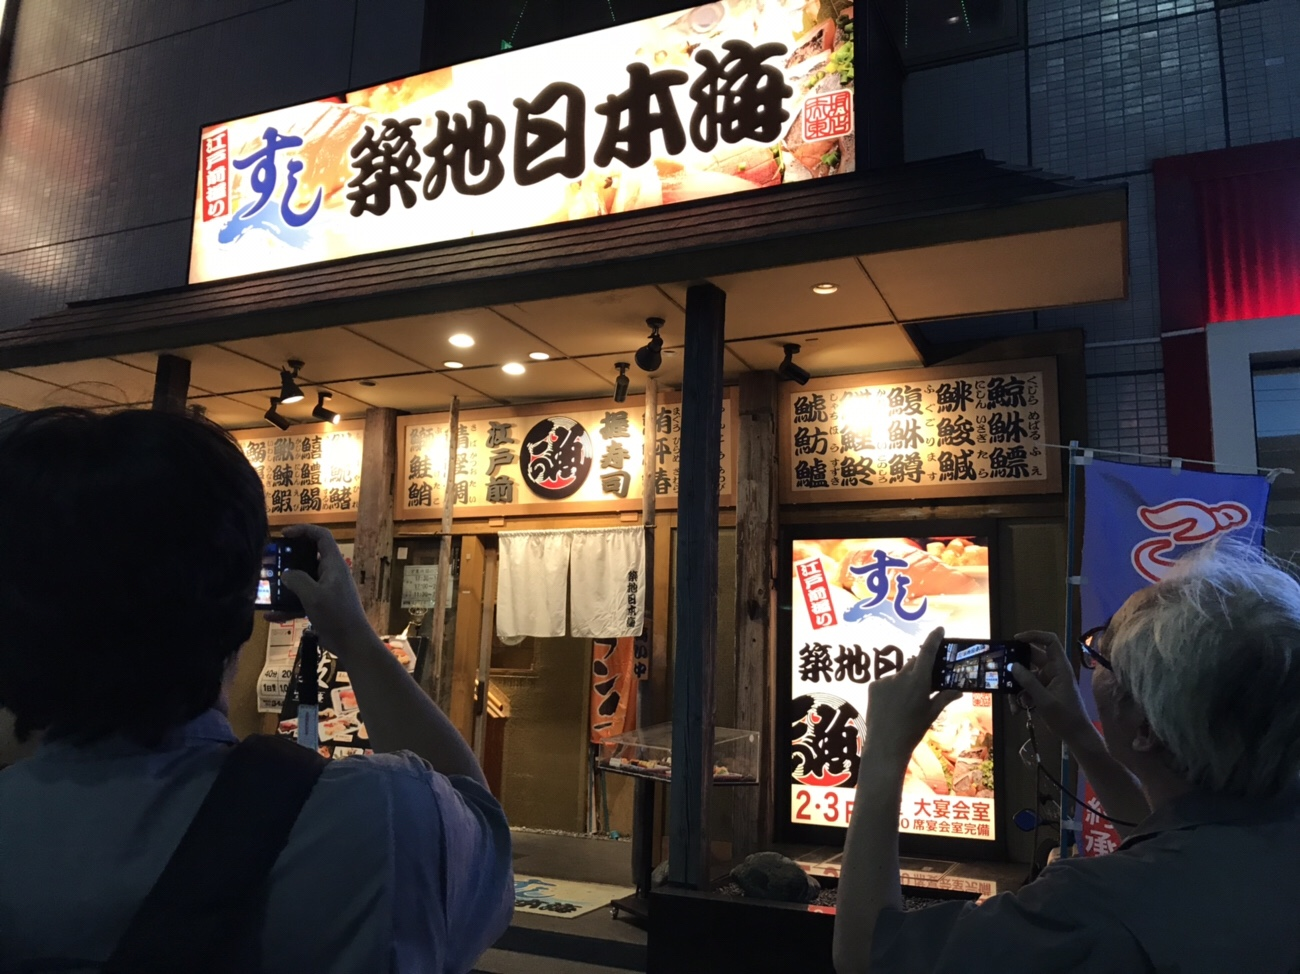 すし築地日本海 行徳駅前店 店構え